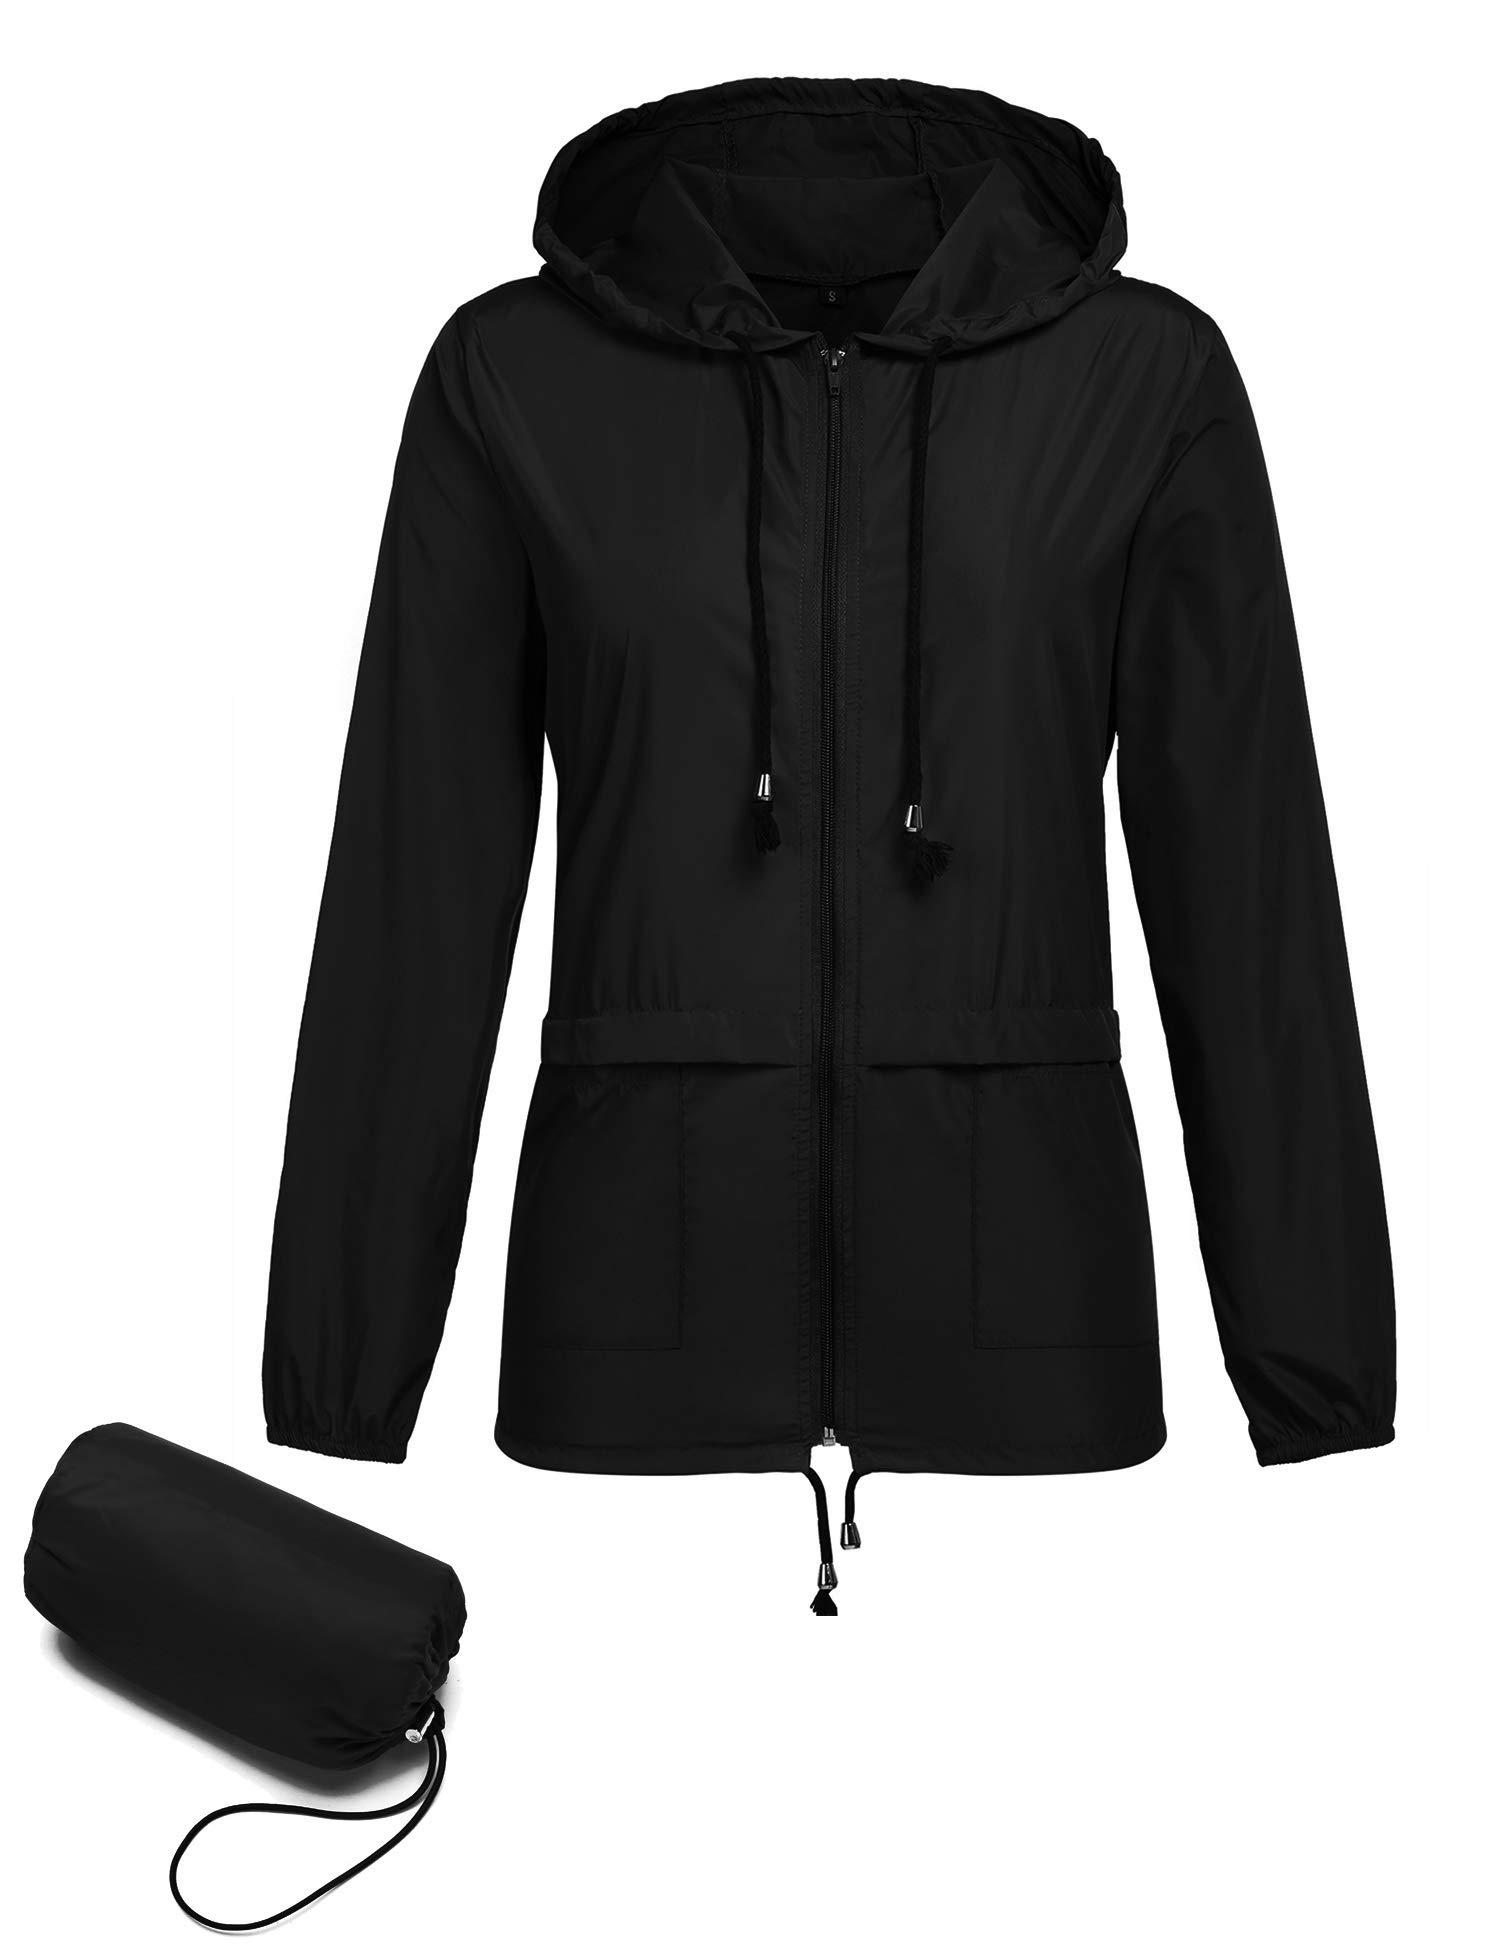 ZHENWEI Women's Lightweight Jackets Waterproof Windbreaker Jacket Super Quick Dry Sports Coat Black S